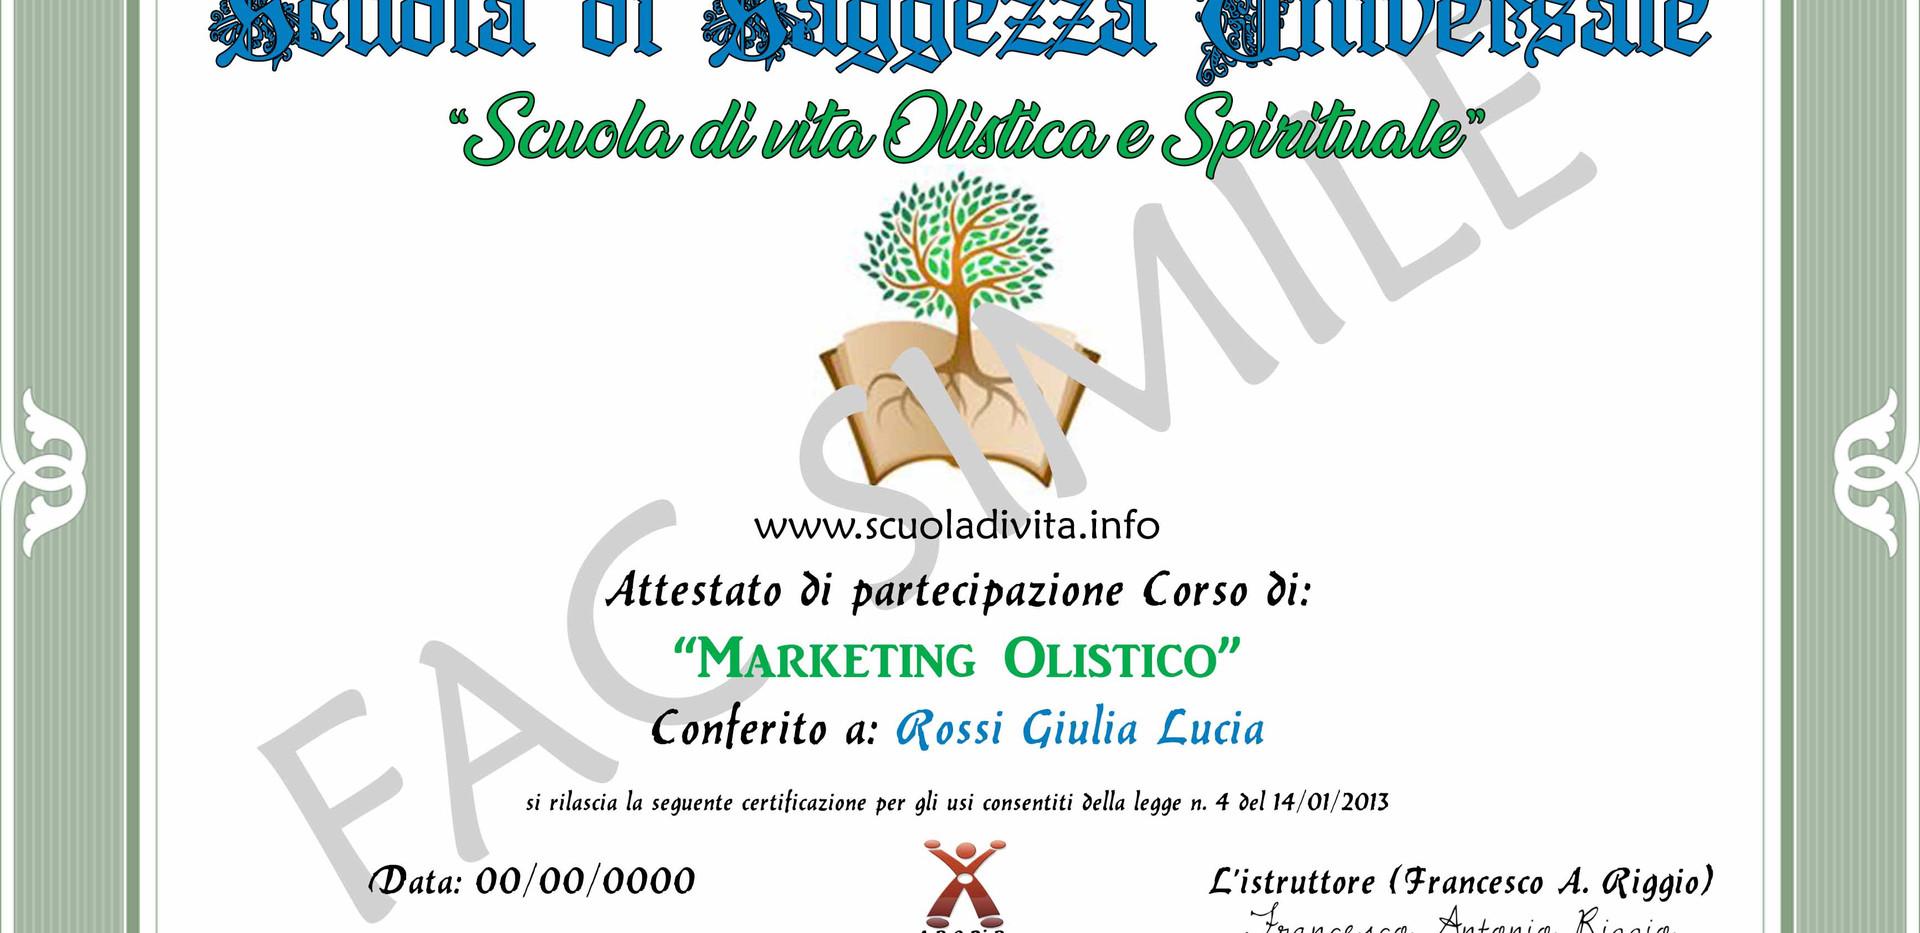 ATTESTATO DI MARKETING OLISTICO FAC SIMI